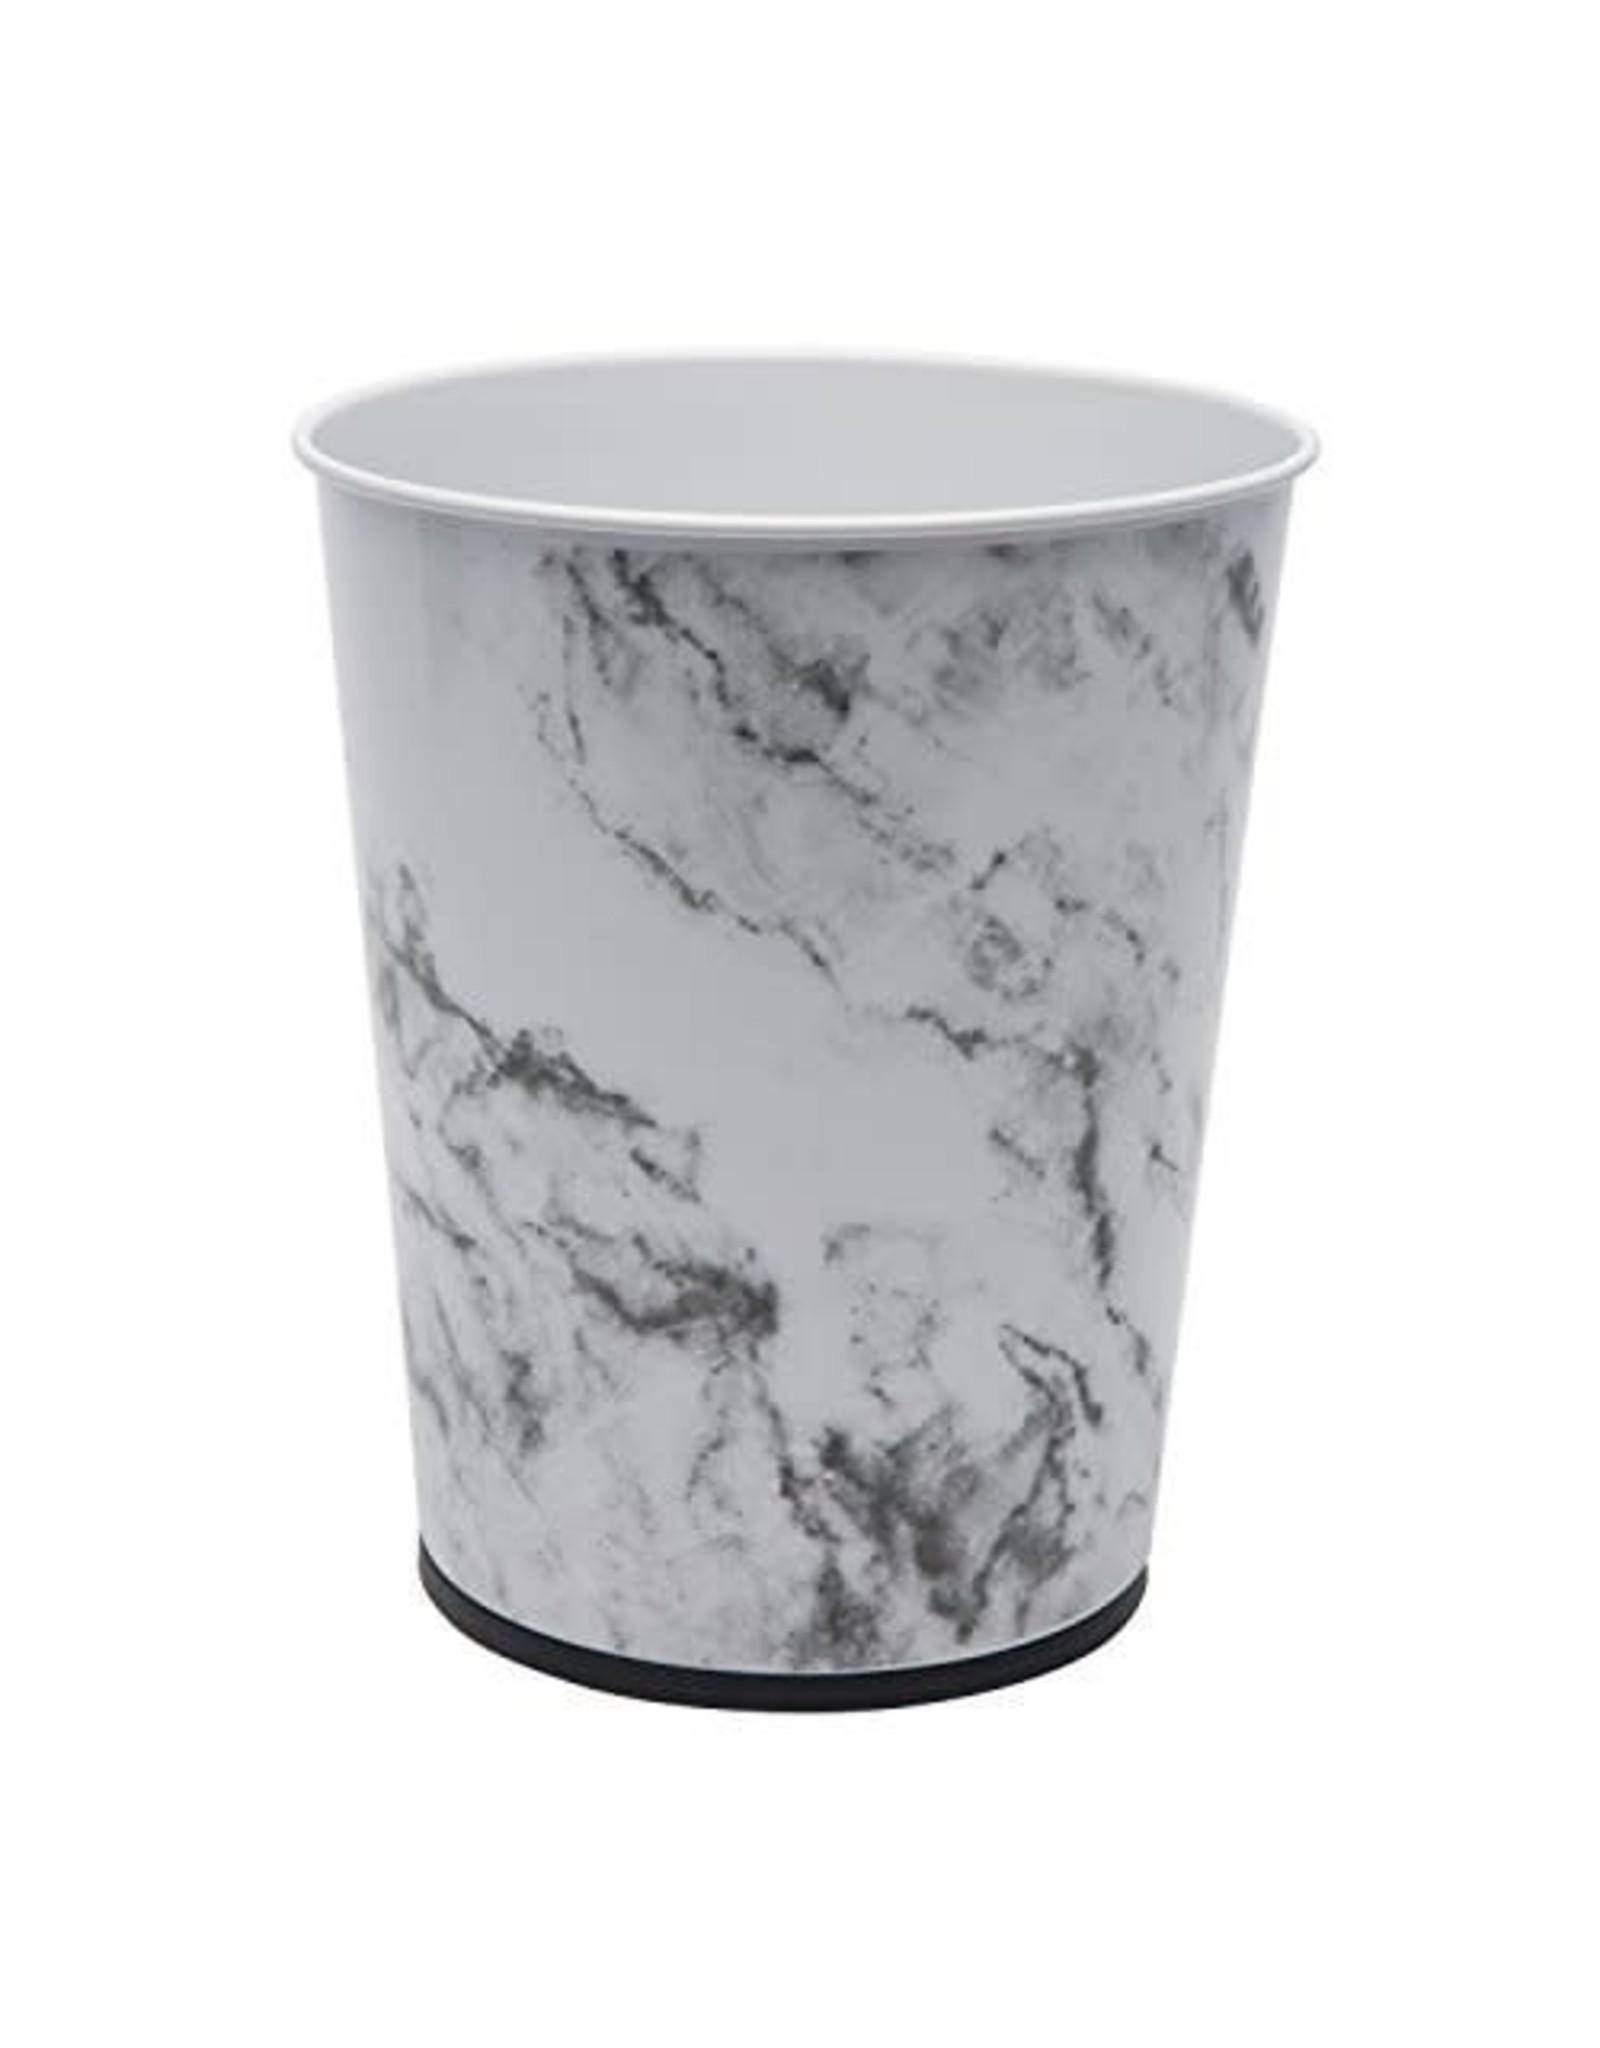 5L Waste Bin Round - Marble Design